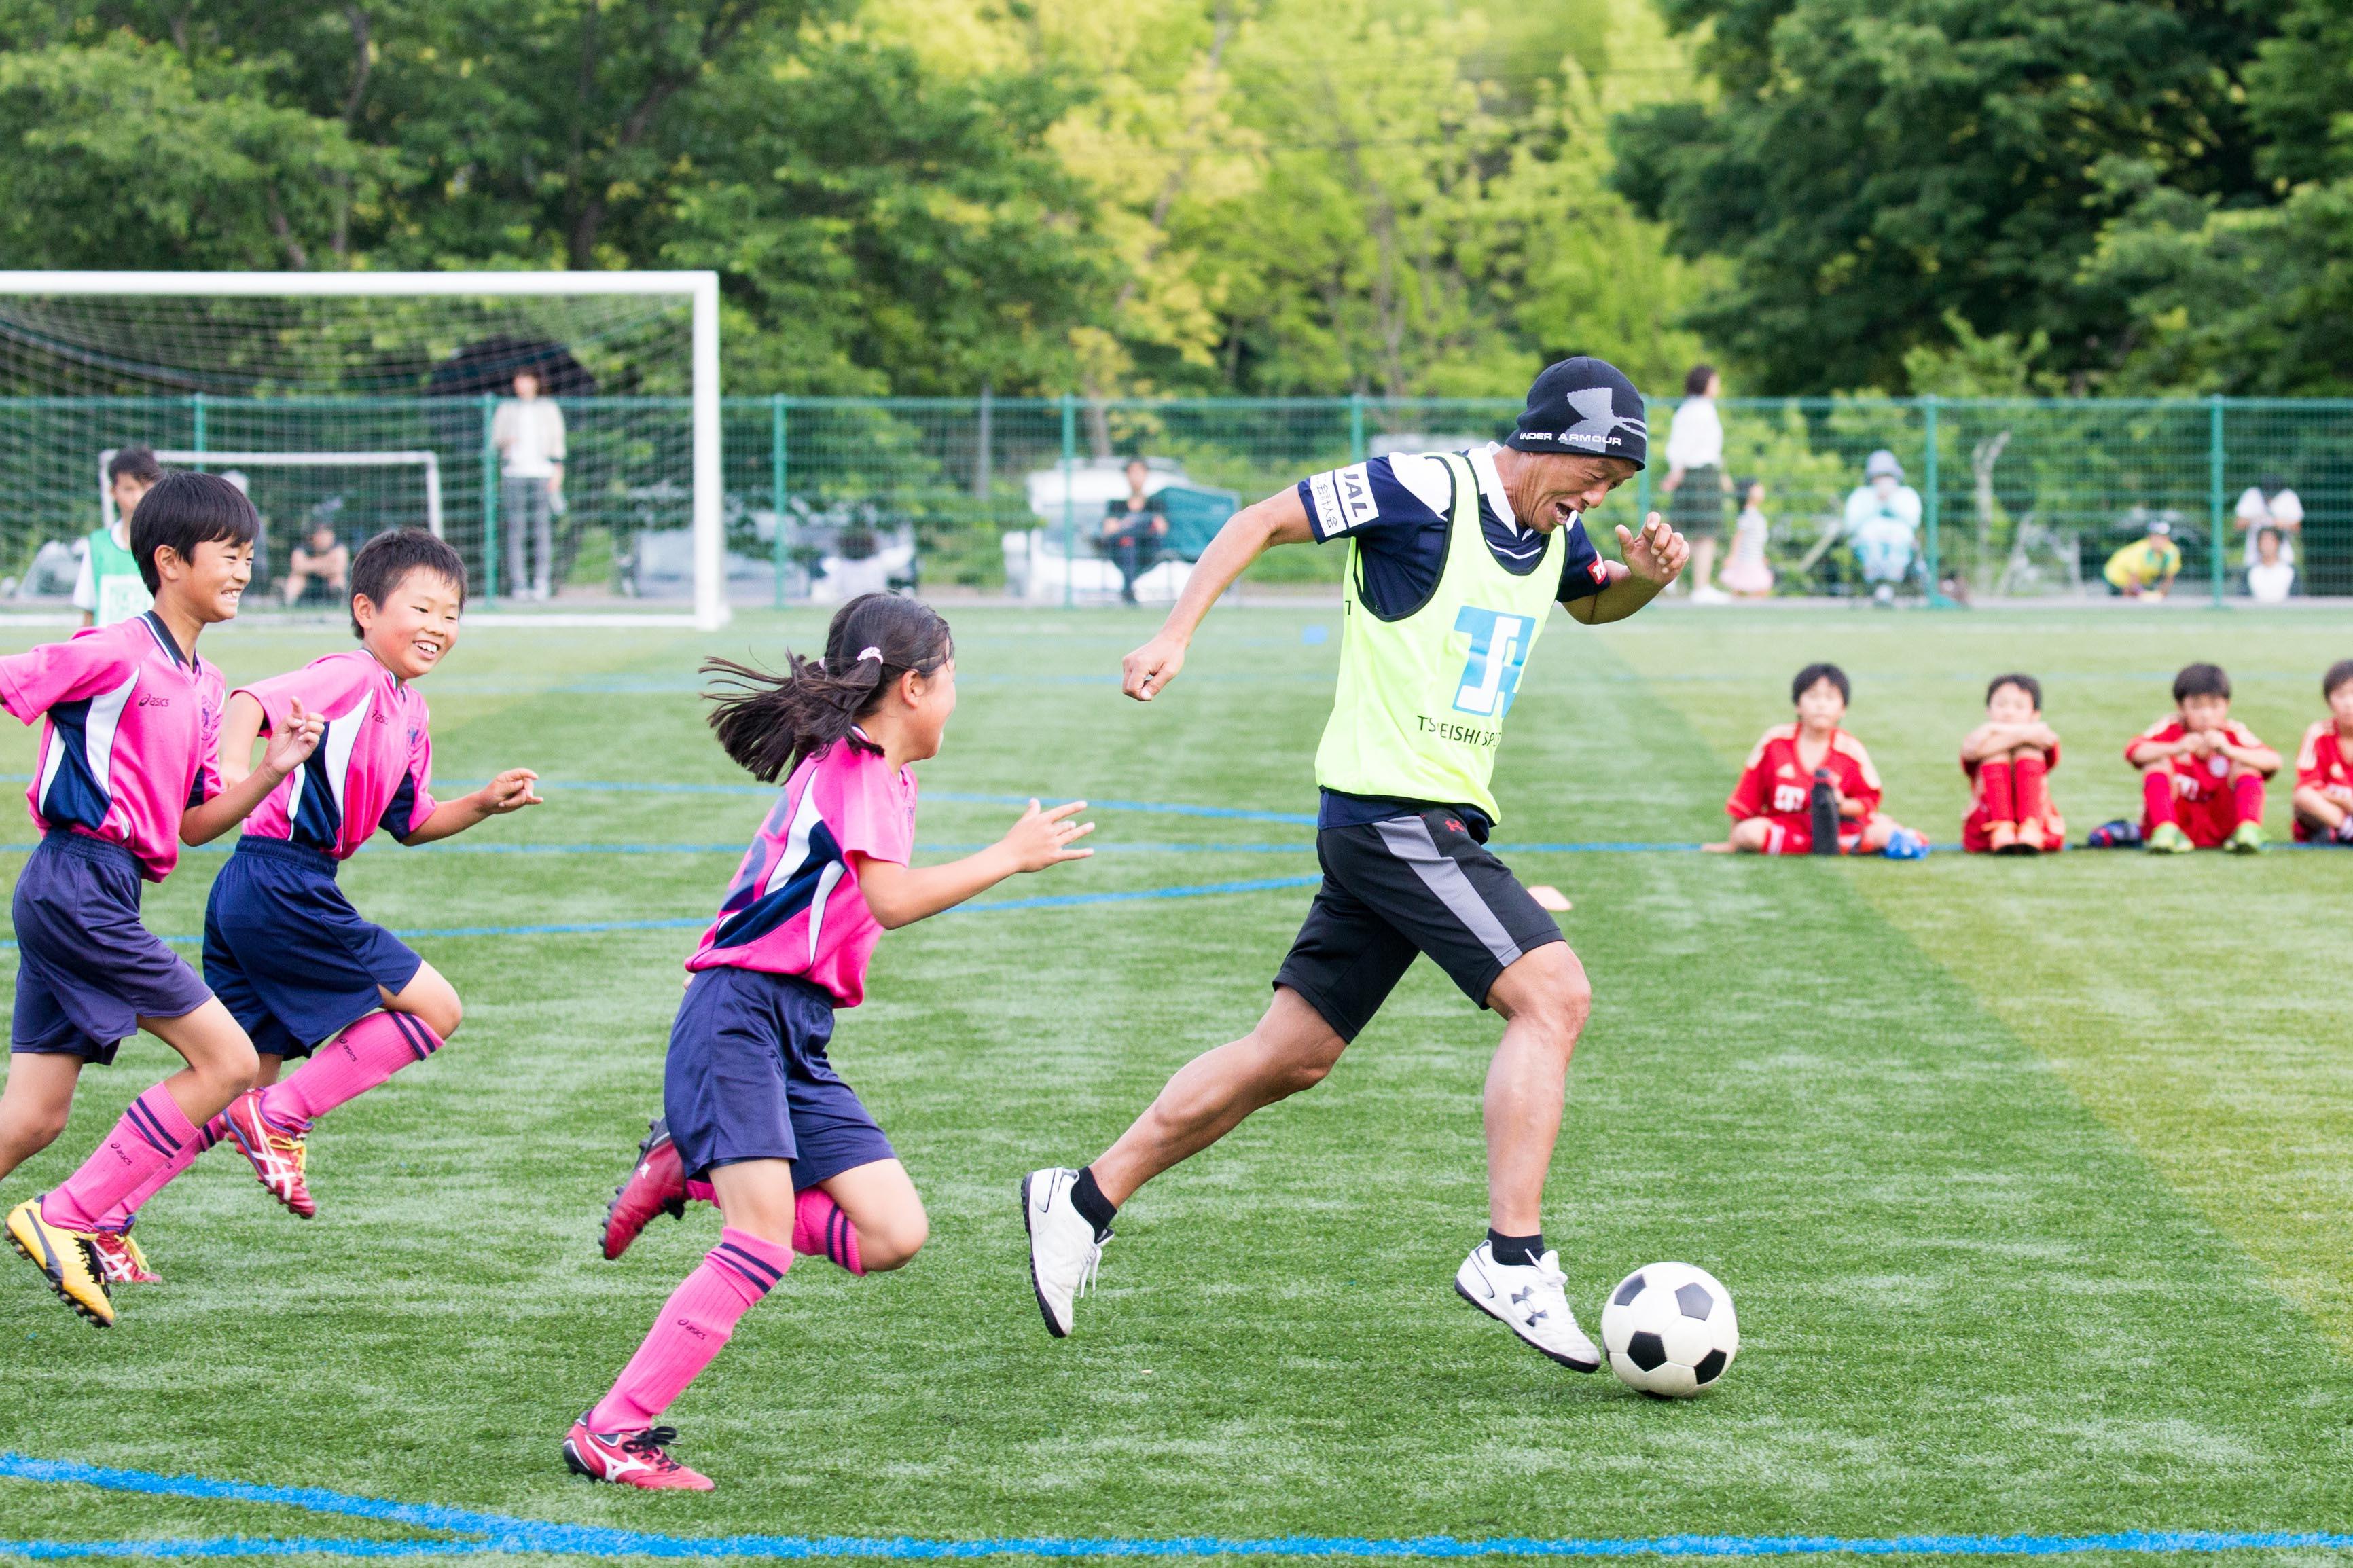 ツネイシ・スポーツアクト「トップアスリート招聘」イベント第3弾。金田喜稔さんによるサッカークリニックを開催